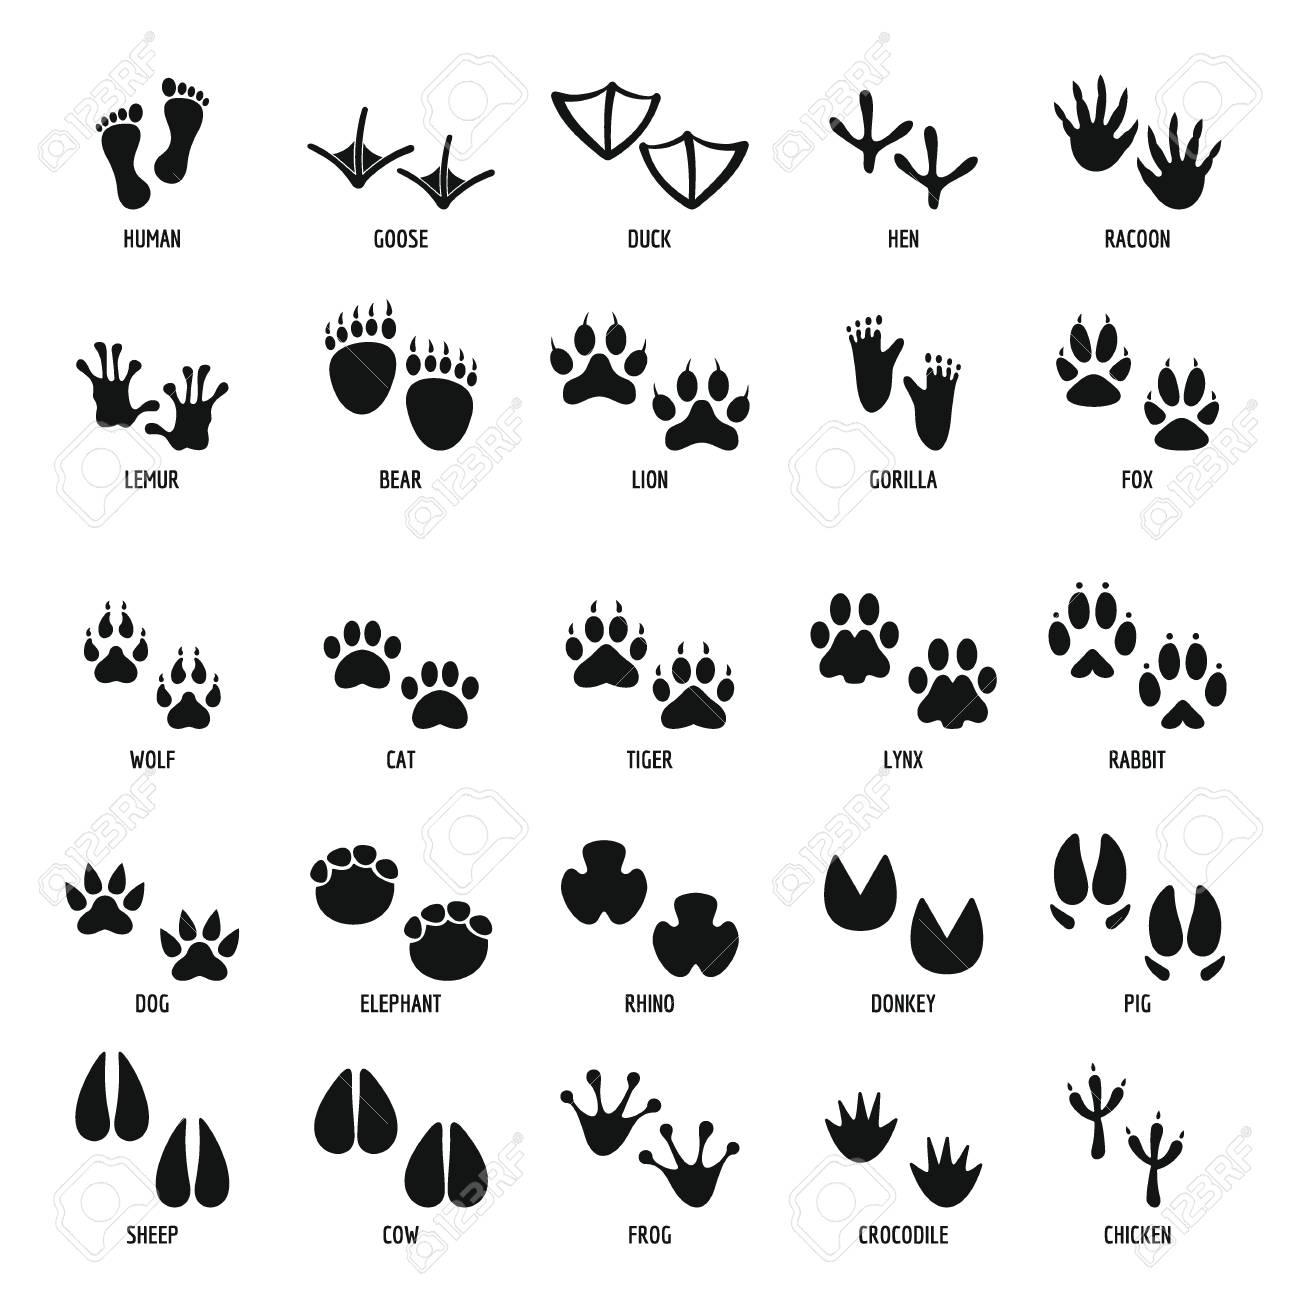 Animal footprint icons set, simple style - 90869178